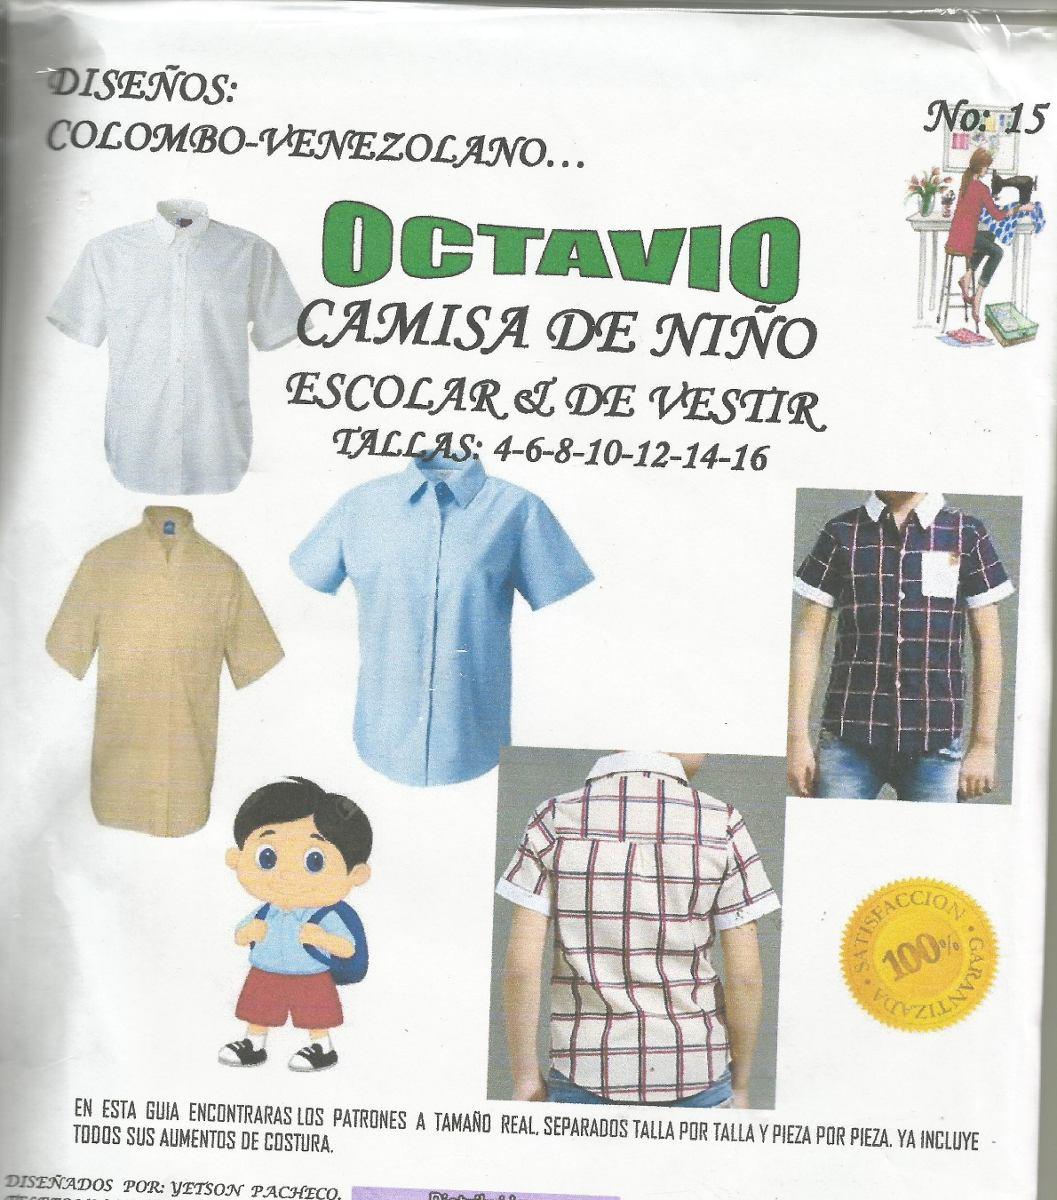 Patrones Octavio Camisa Escolar Niño #15